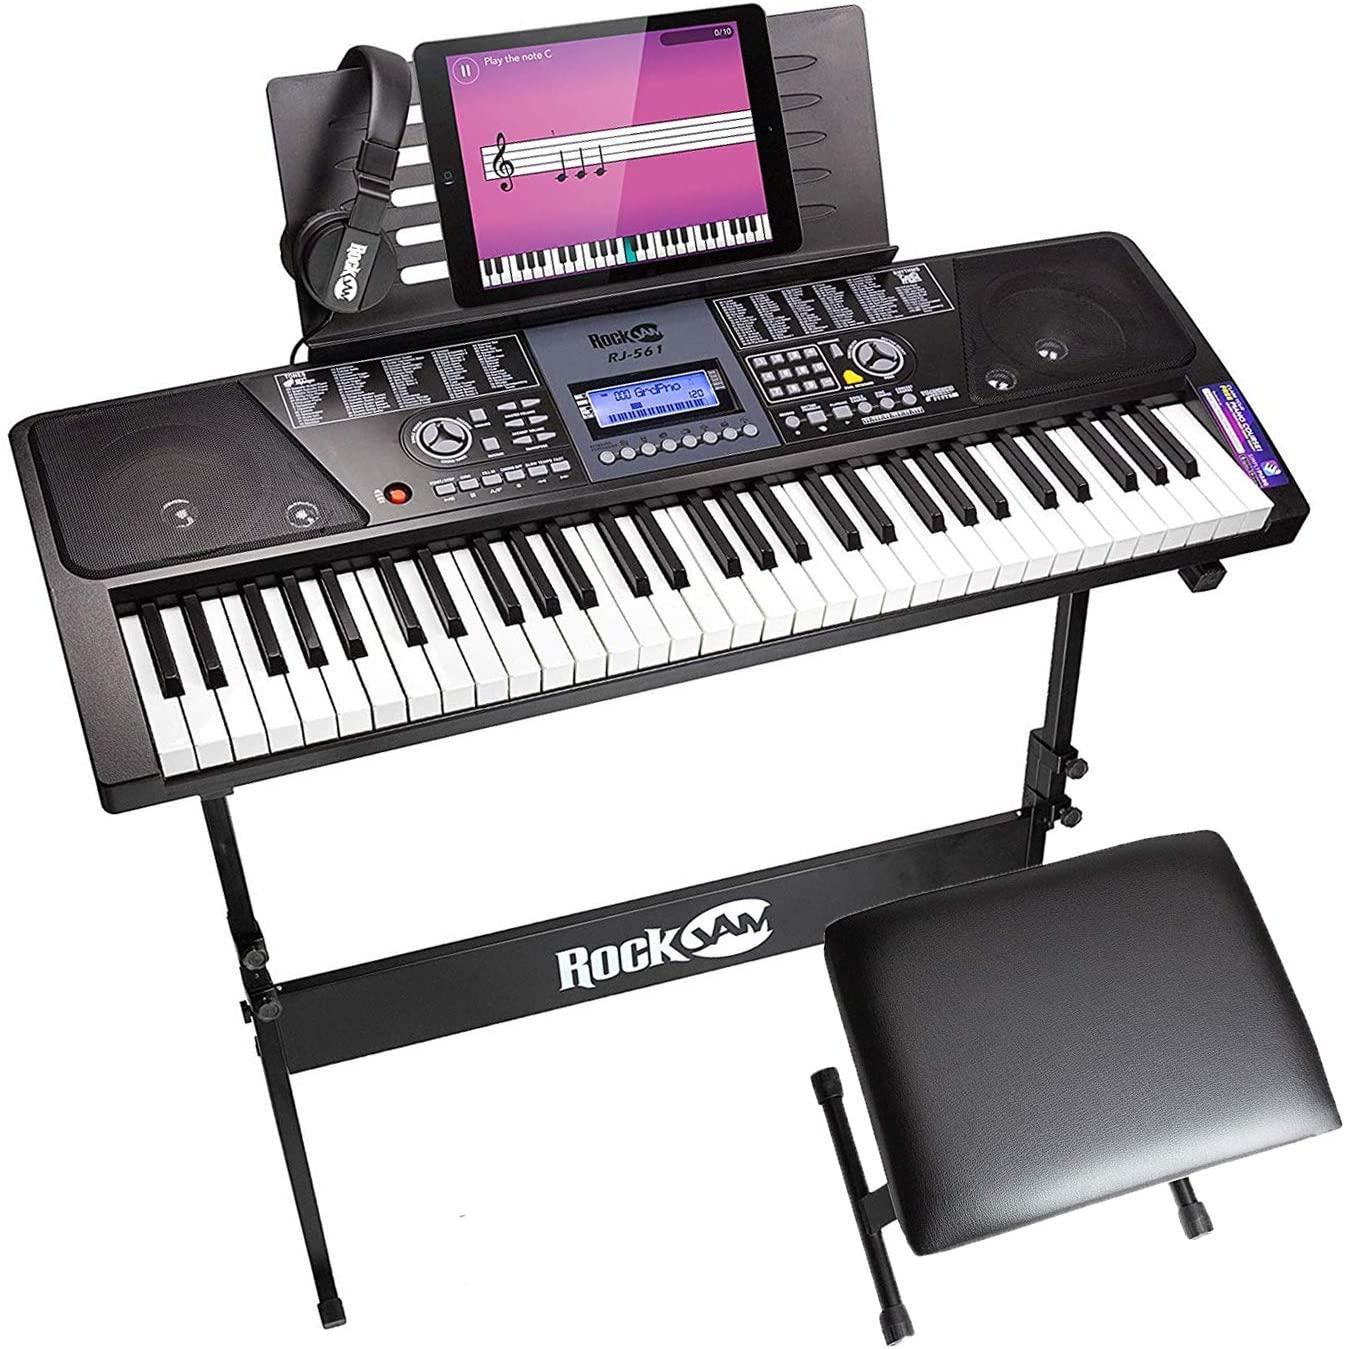 RockJam 61-Key Keyboard Piano